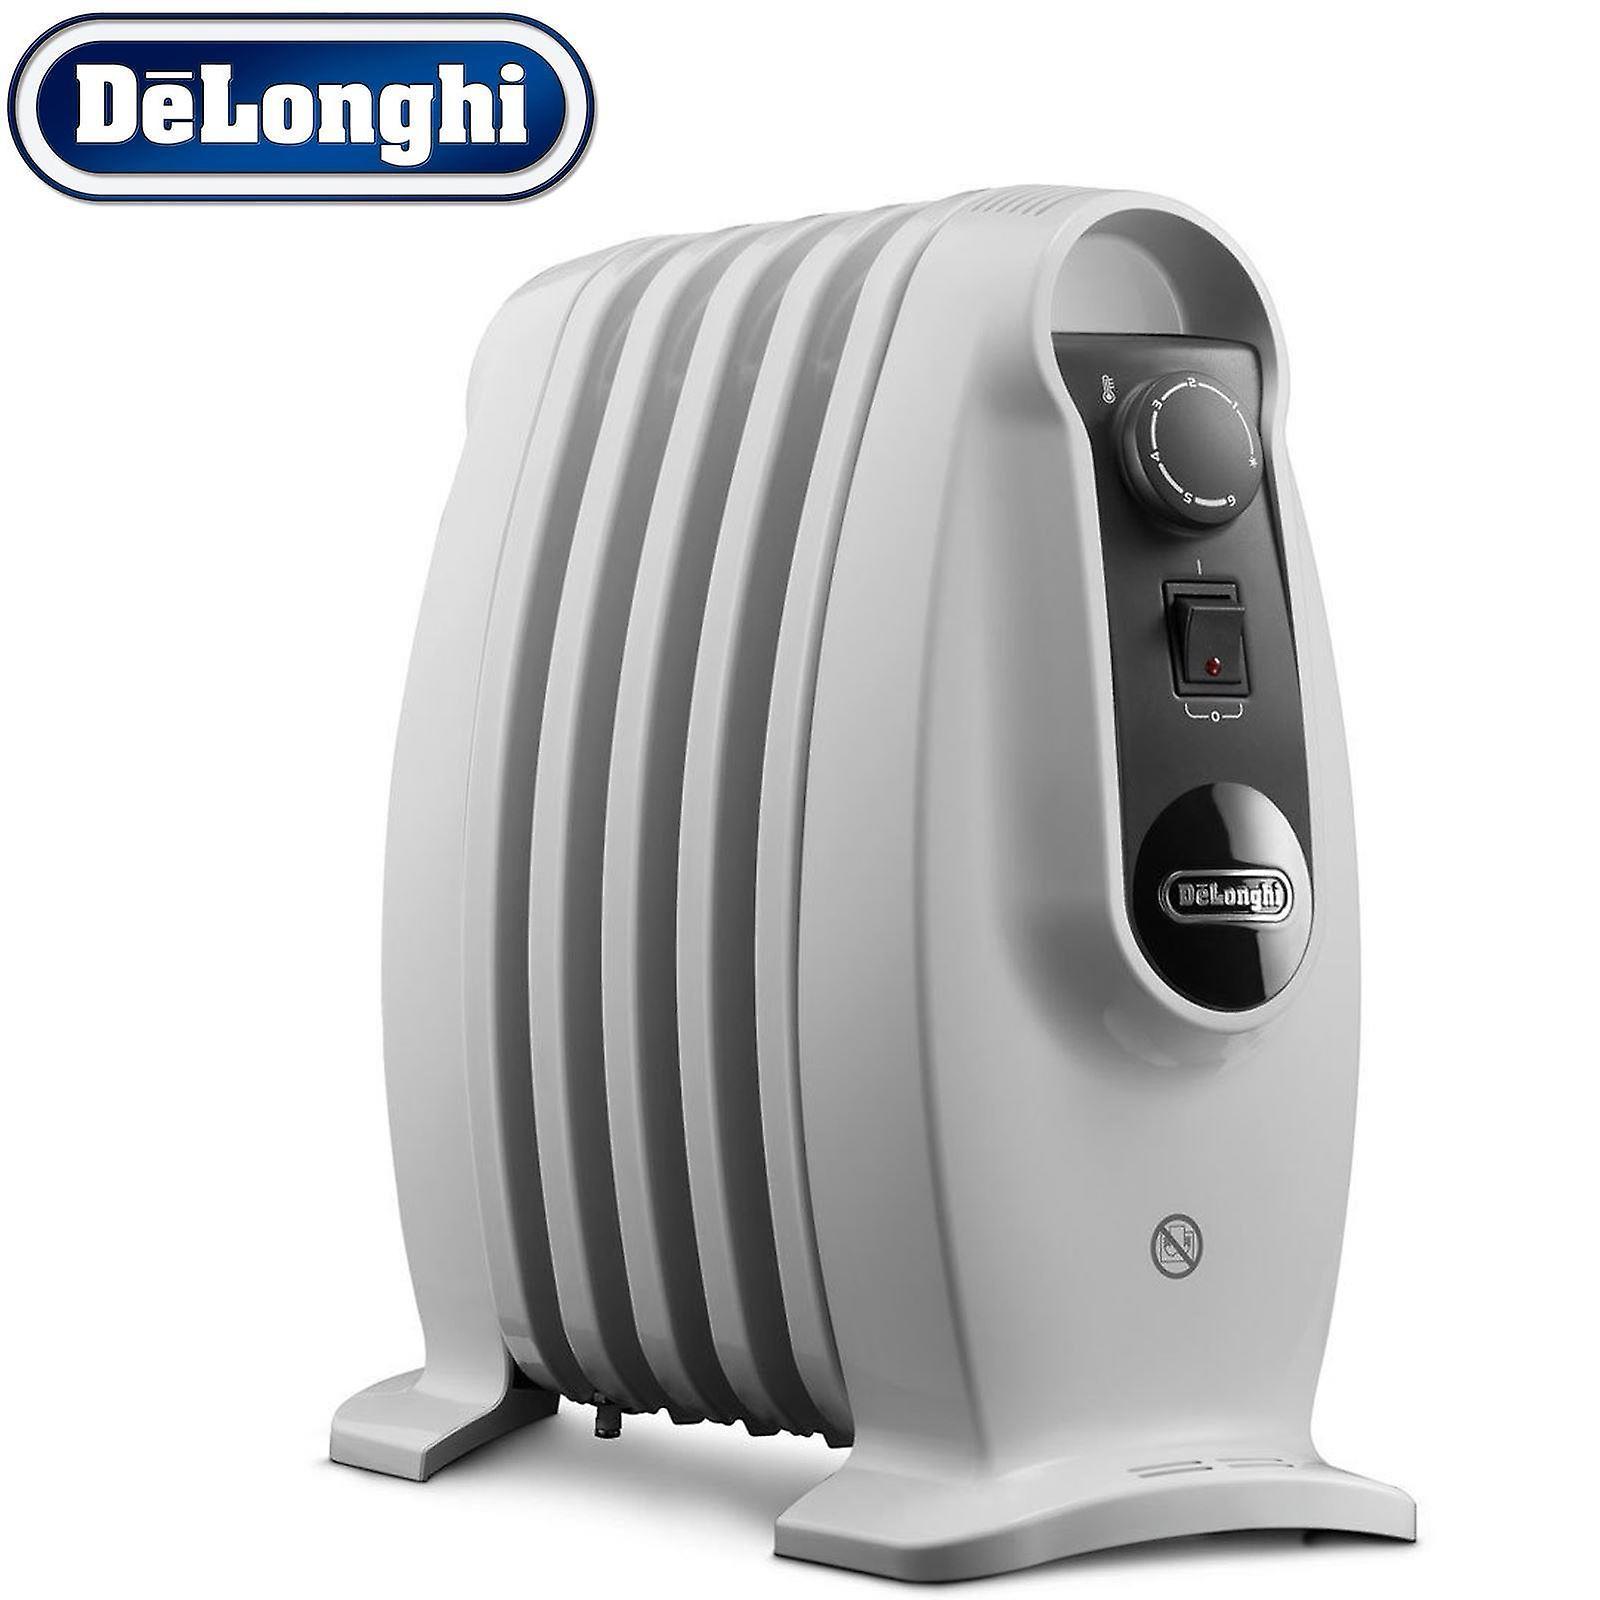 DELONGHI 500W olio radiatore